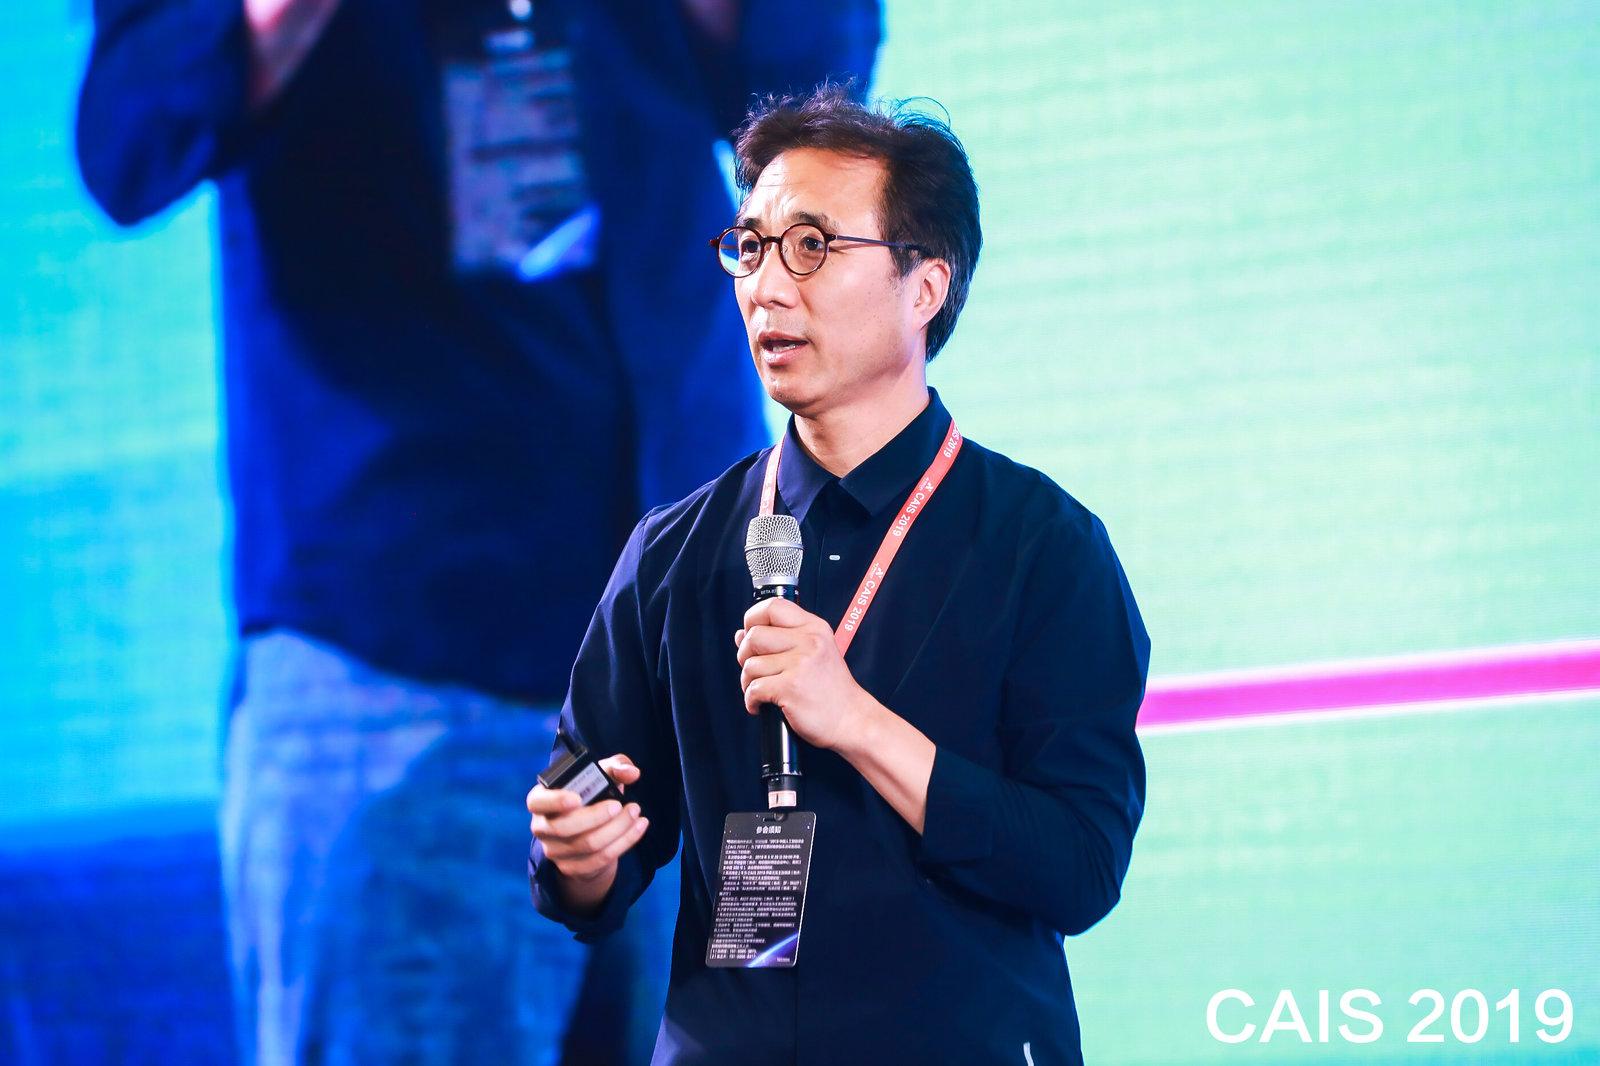 清华大学未来实验室郑址洪:关注AI新技术很重要,但如何融合技术更重要